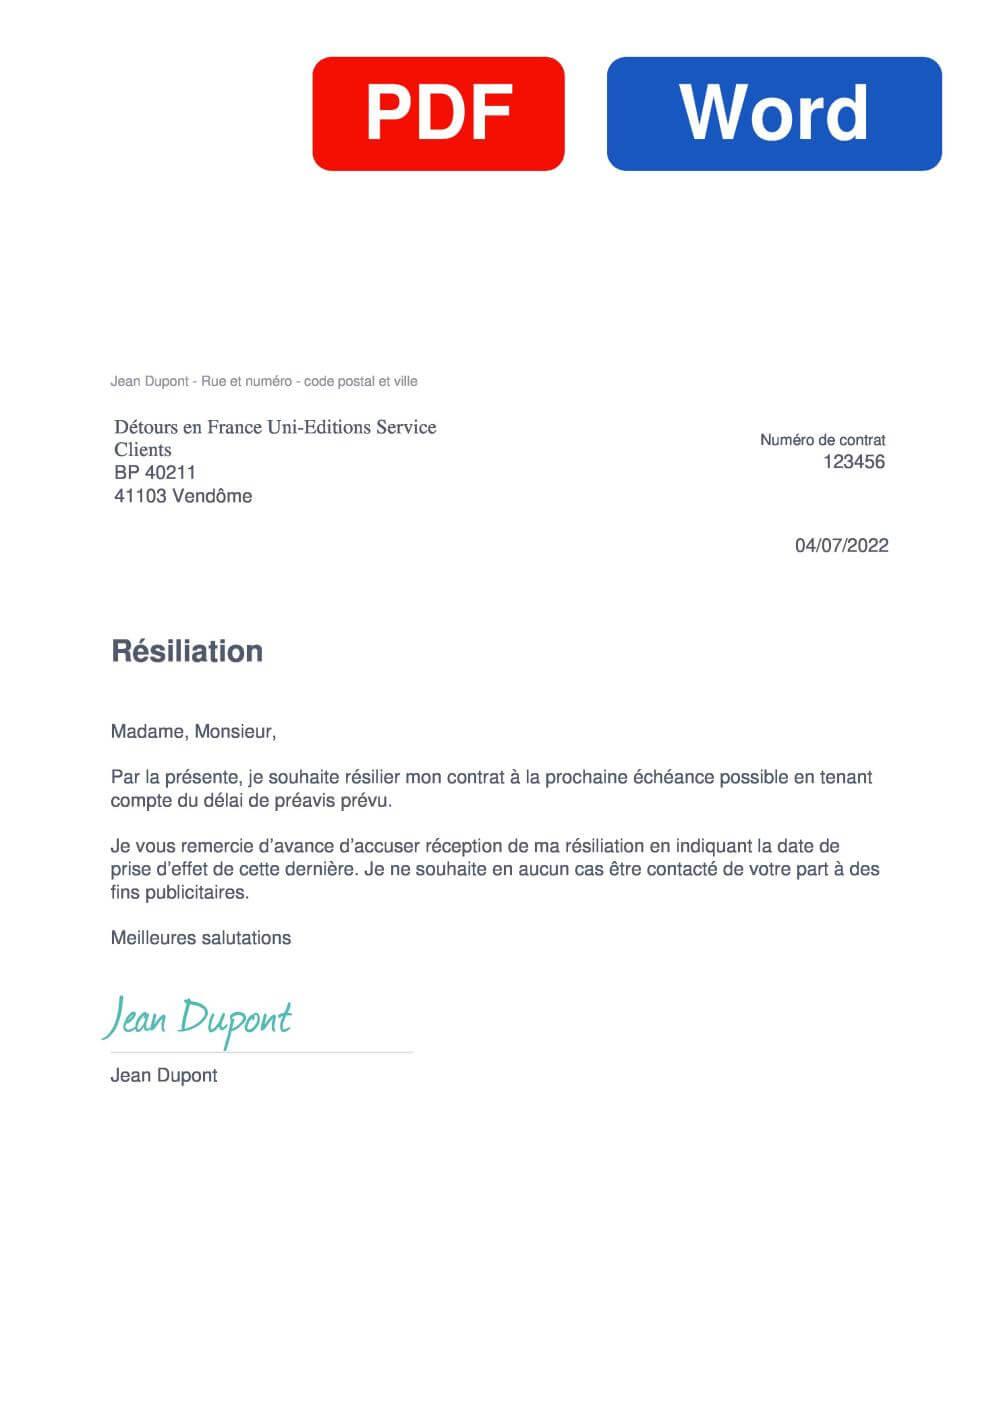 Détours en France Modèle de lettre de résiliation